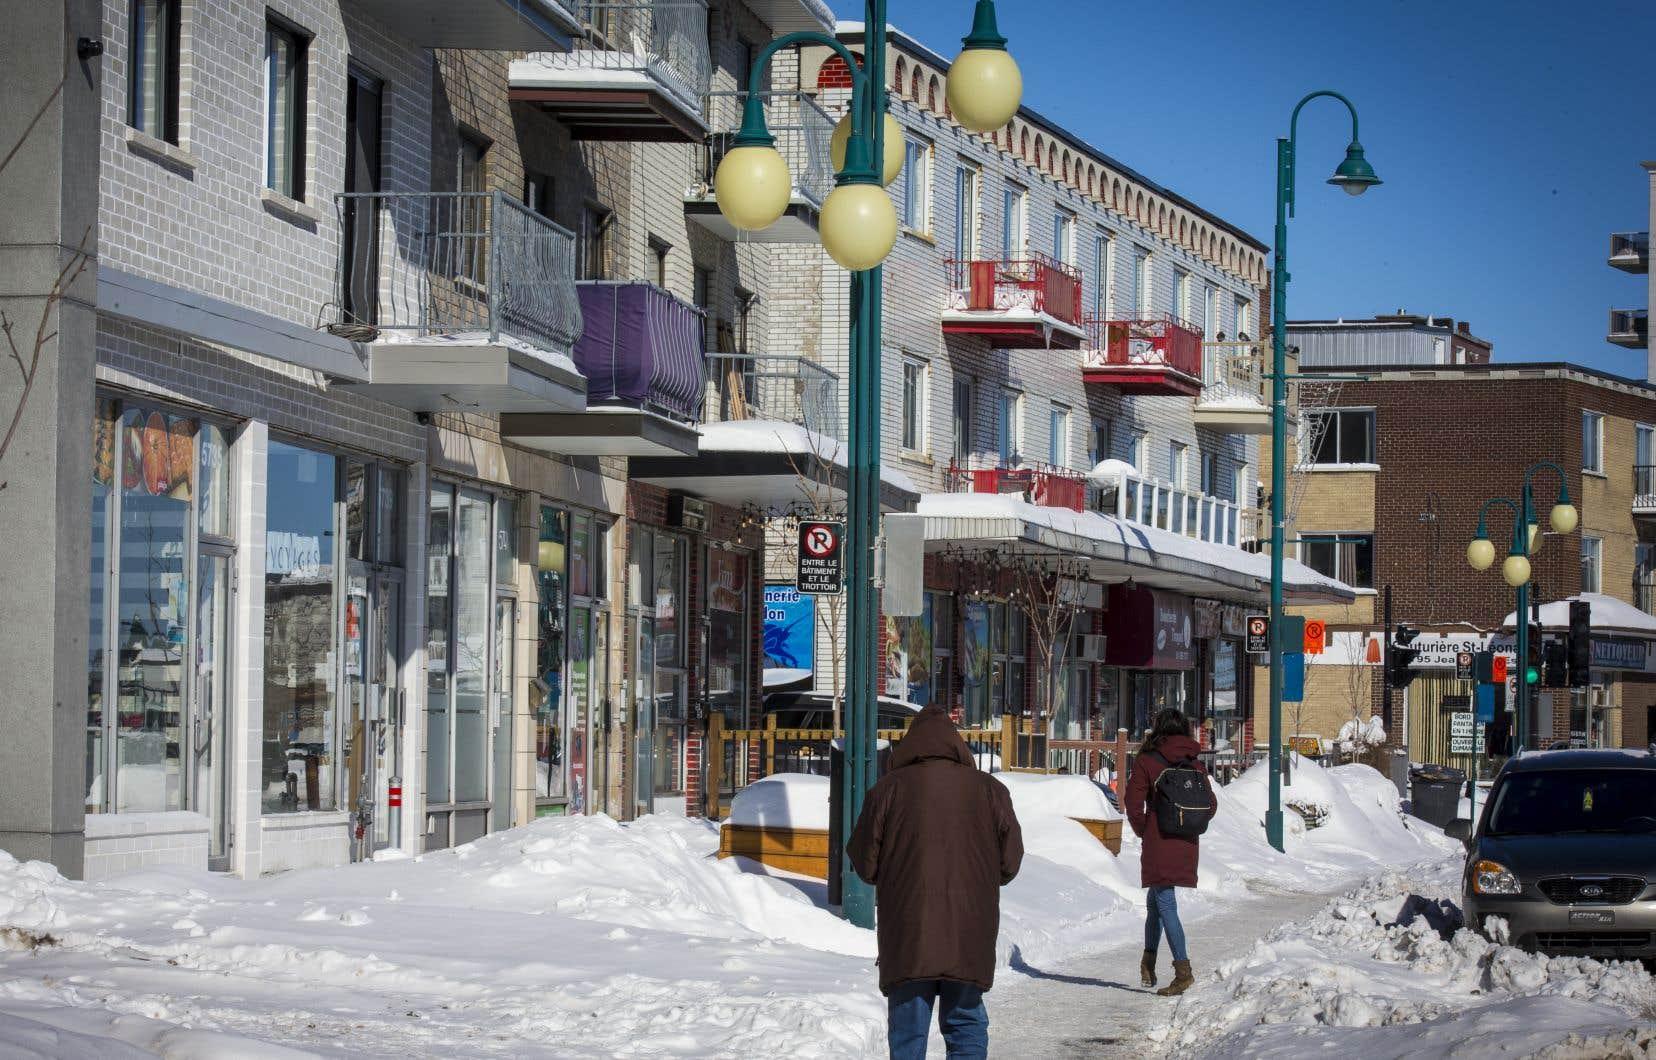 Pour certains commerçants de la rue Jean-Talon, à Saint-Léonard, les travaux de réaménagement à venir, qui risquent d'occasionner des fermetures de rues, sont un problème potentiel qui viendra s'ajouter à une artère déjà délaissée par les citoyens.